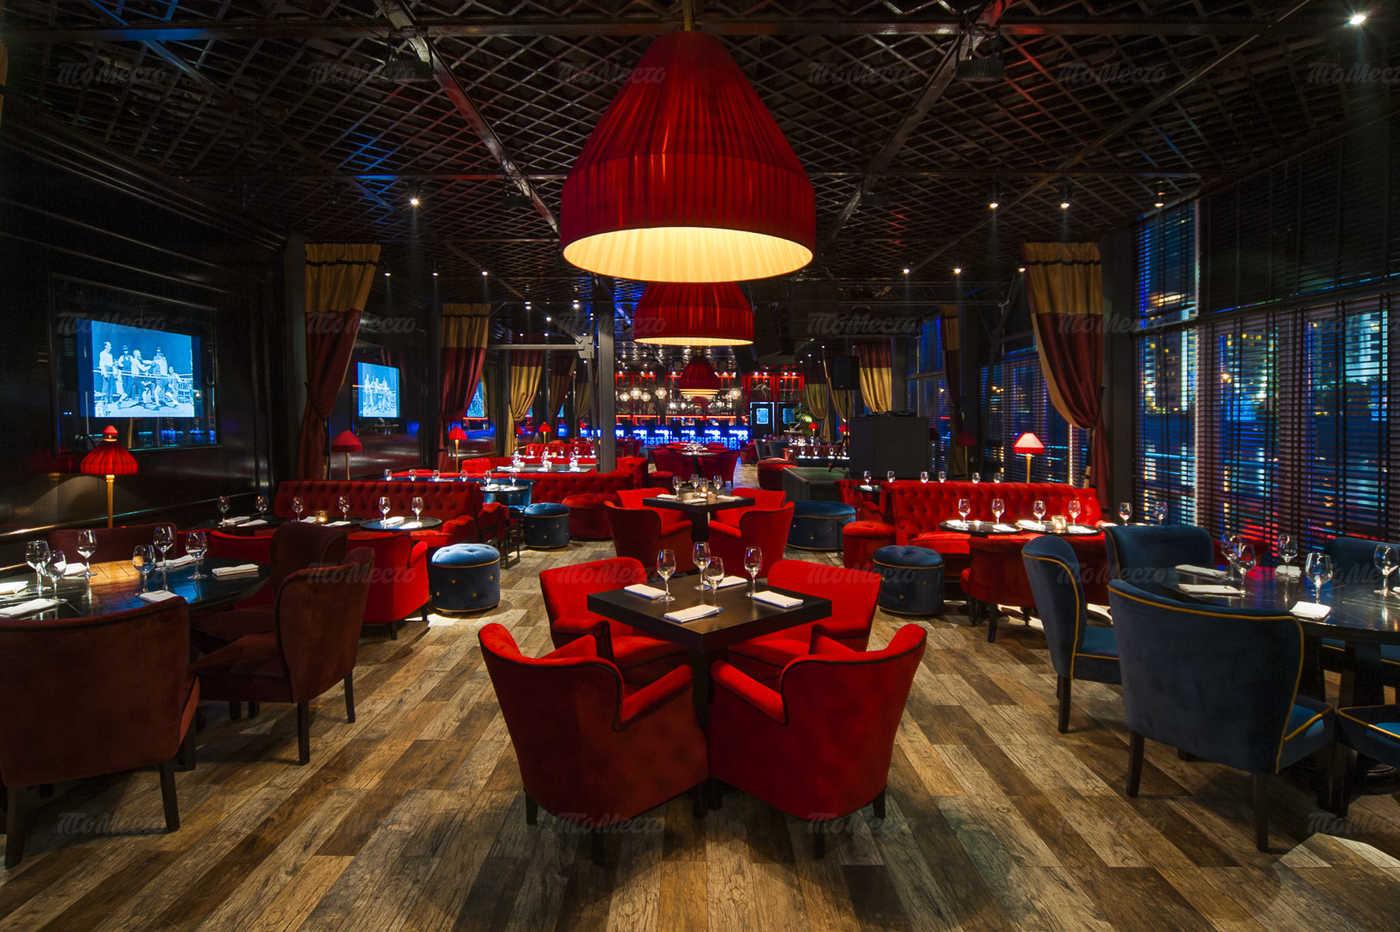 Меню бара, ночного клуба, ресторана La Barge (La Plage) в набережной Тарасе Шевченко